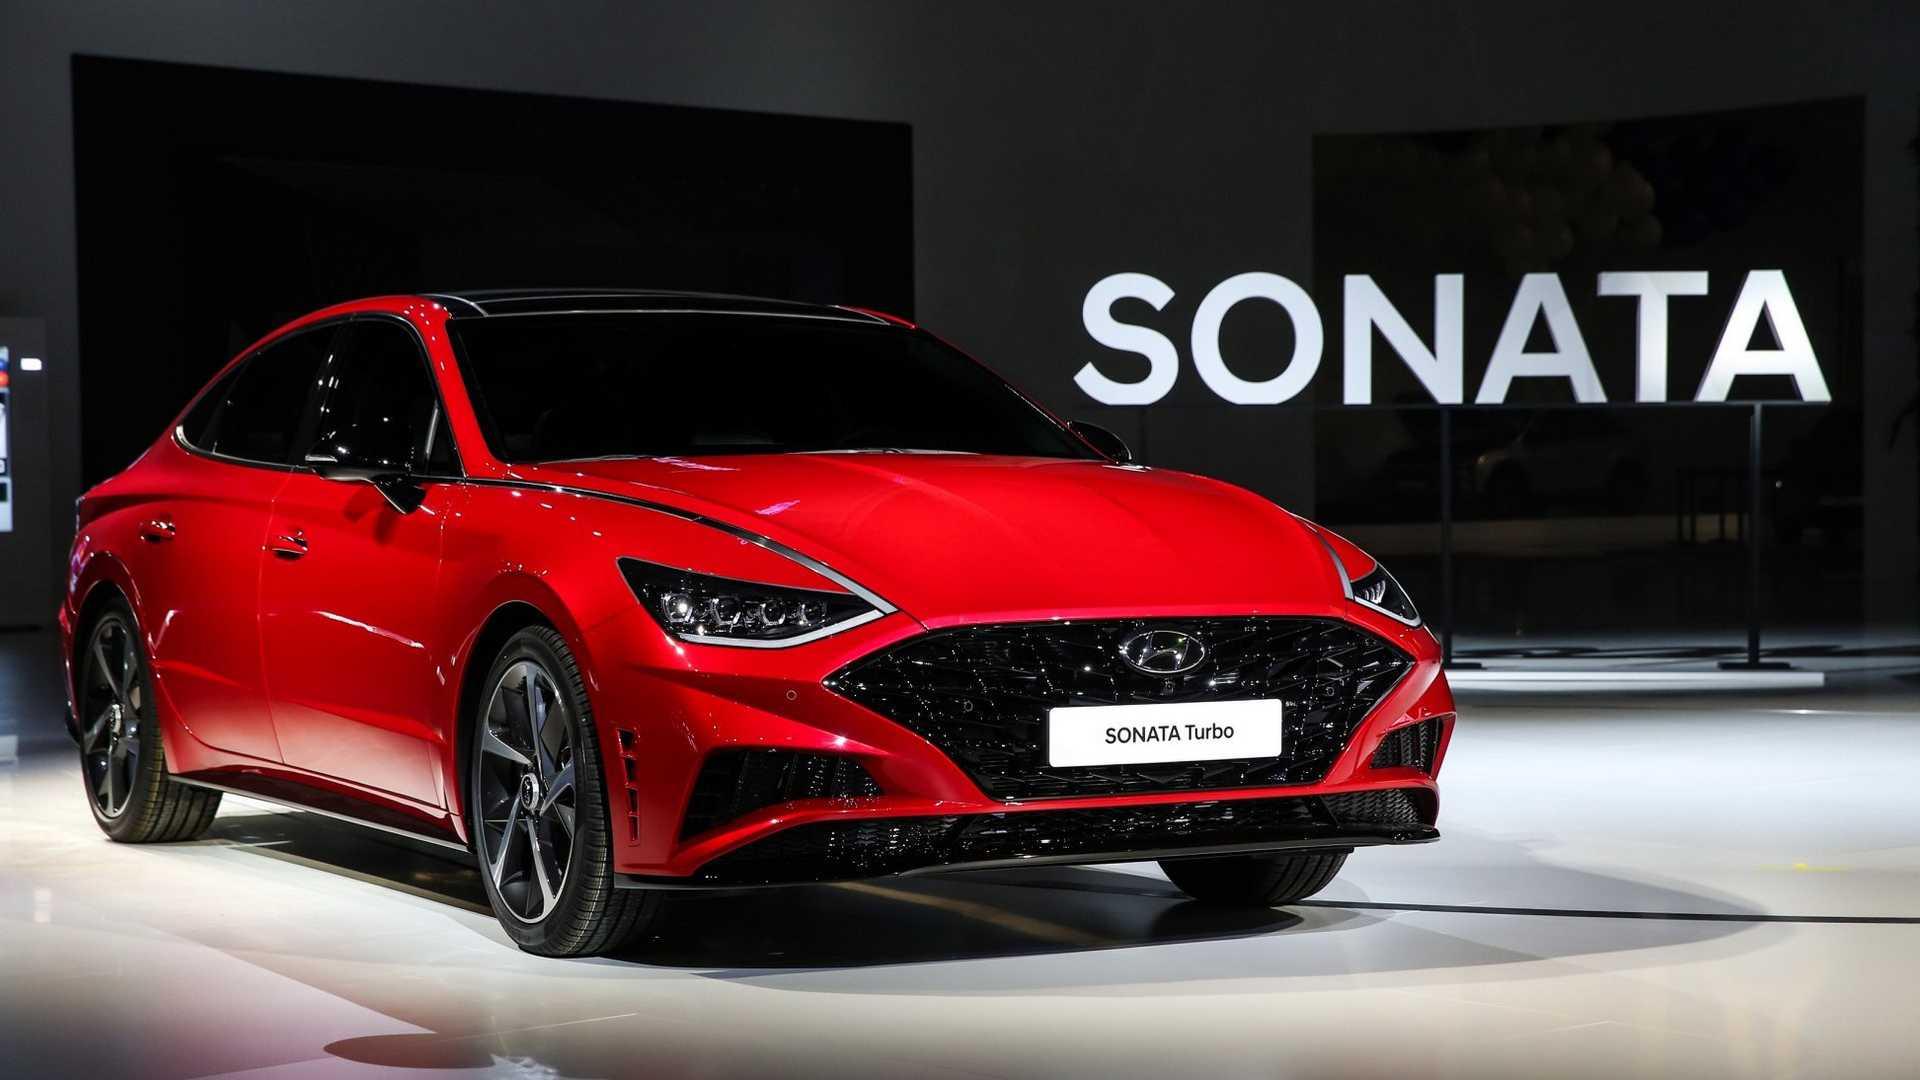 2020-hyundai-sonata-1-6-turbo-2.jpg